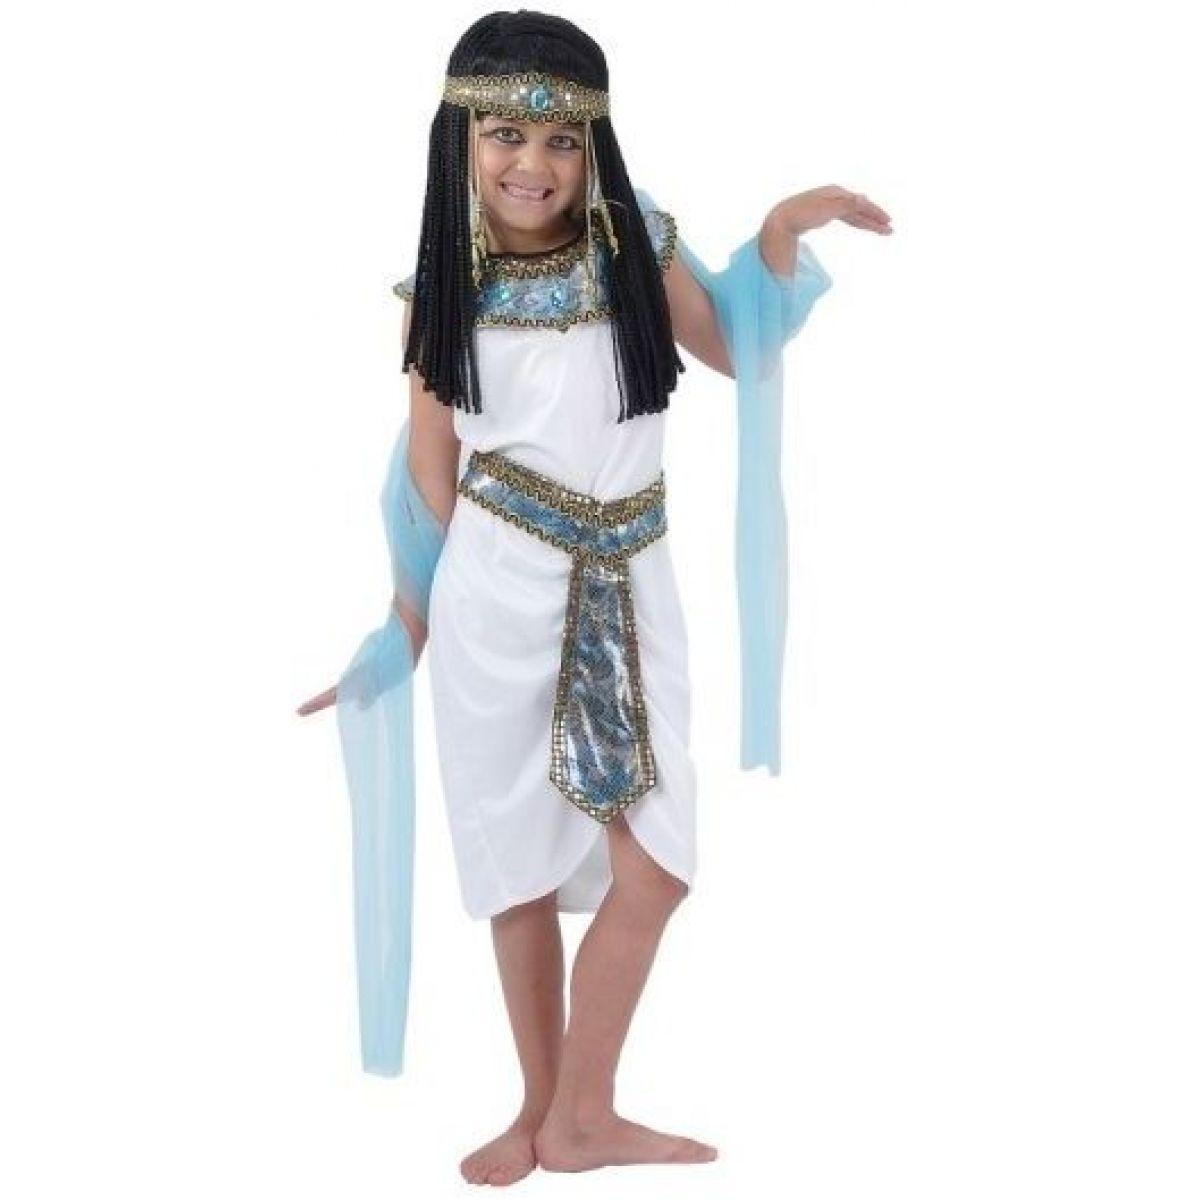 Made Detský kostým Egyptská kráľovná 120-130cm